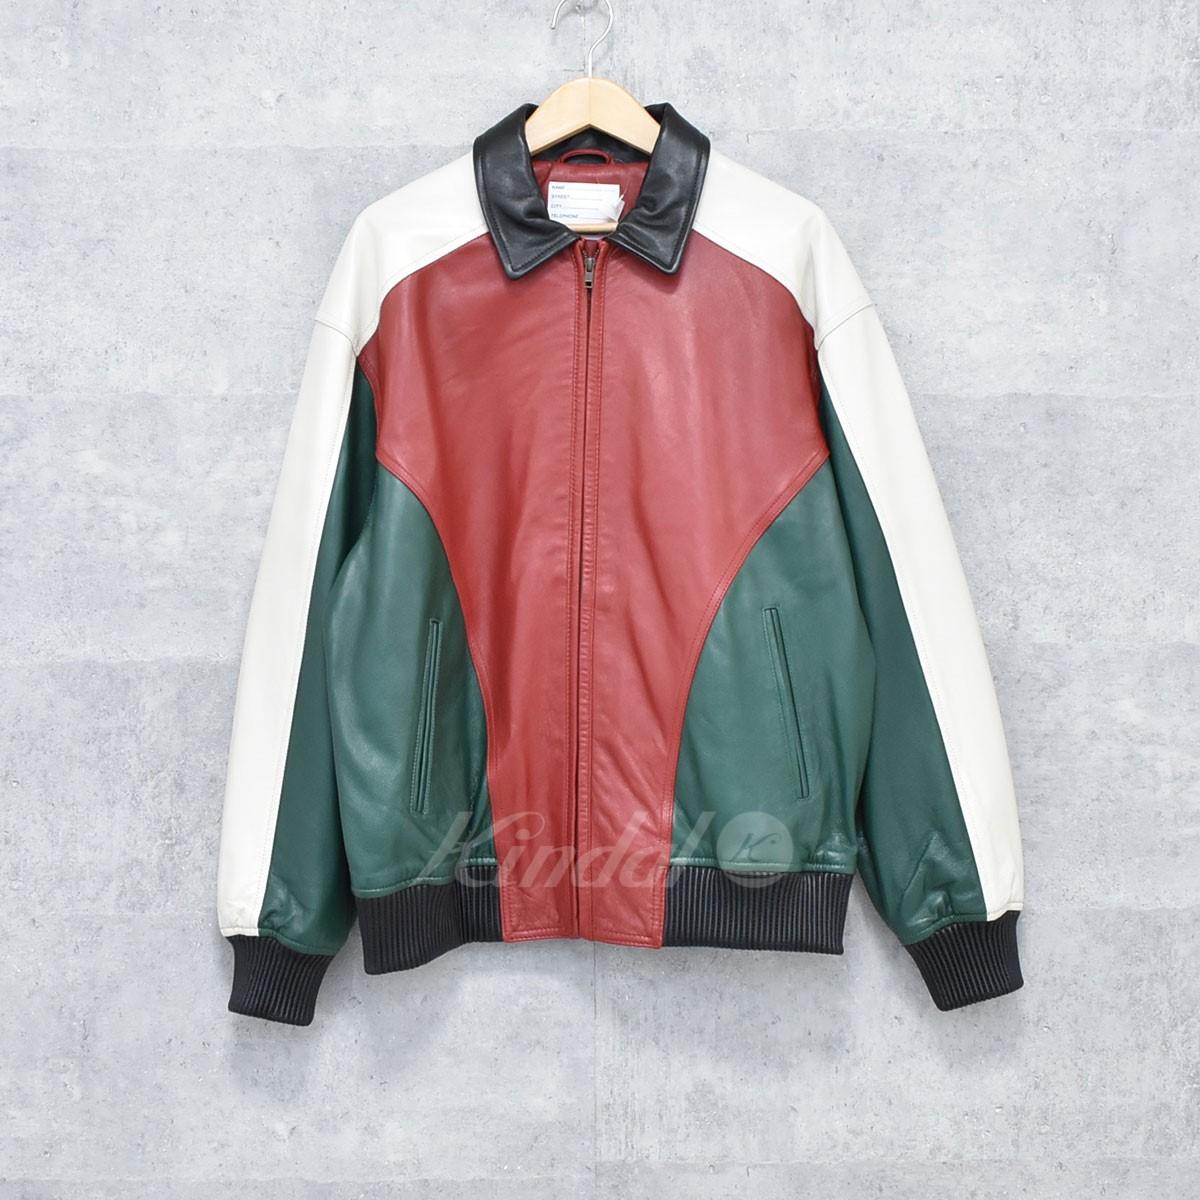 【中古】SUPREME 18SS レザージャケット studded arc logo leather jacket 【送料無料】 【221309】 【KIND1550】